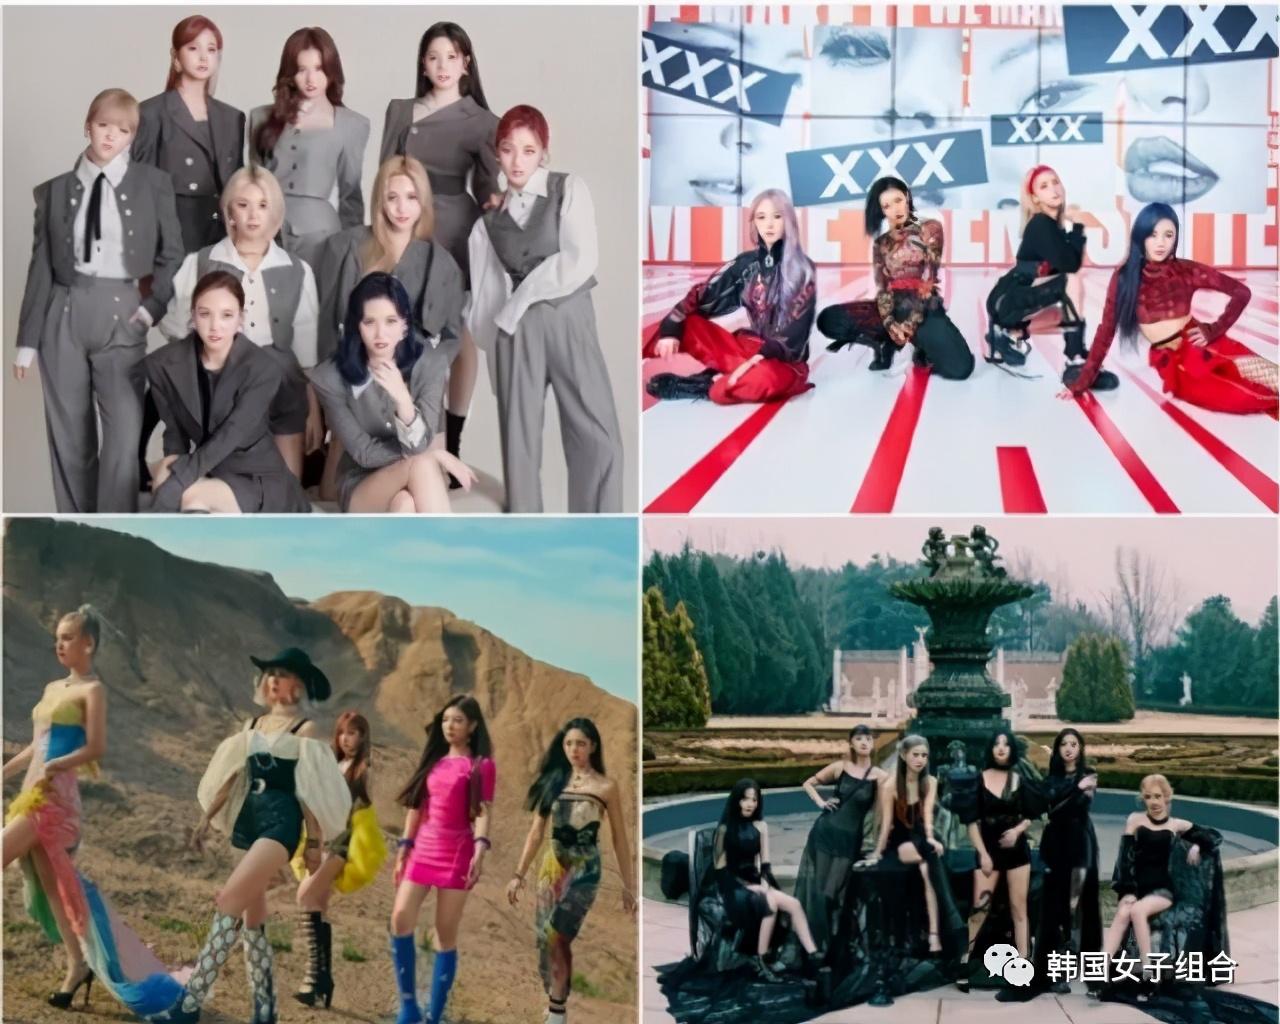 引领今年歌谣界女团风的艺人们将登上2020 TMA